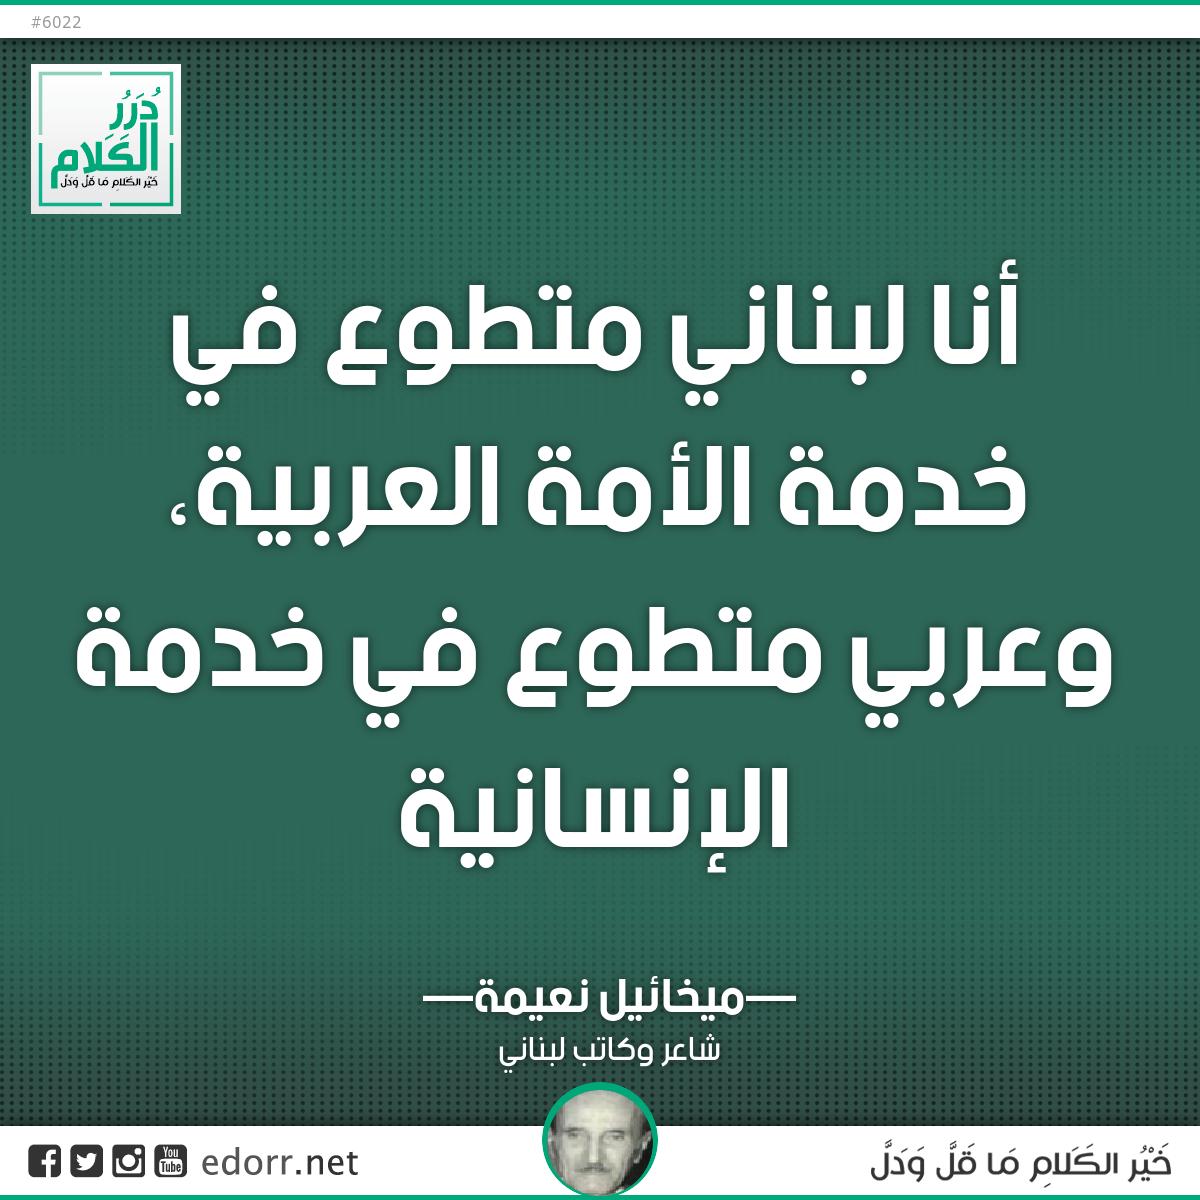 أنا لبناني متطوع في خدمة الأمة العربية، وعربي متطوع في خدمة الإنسانية.